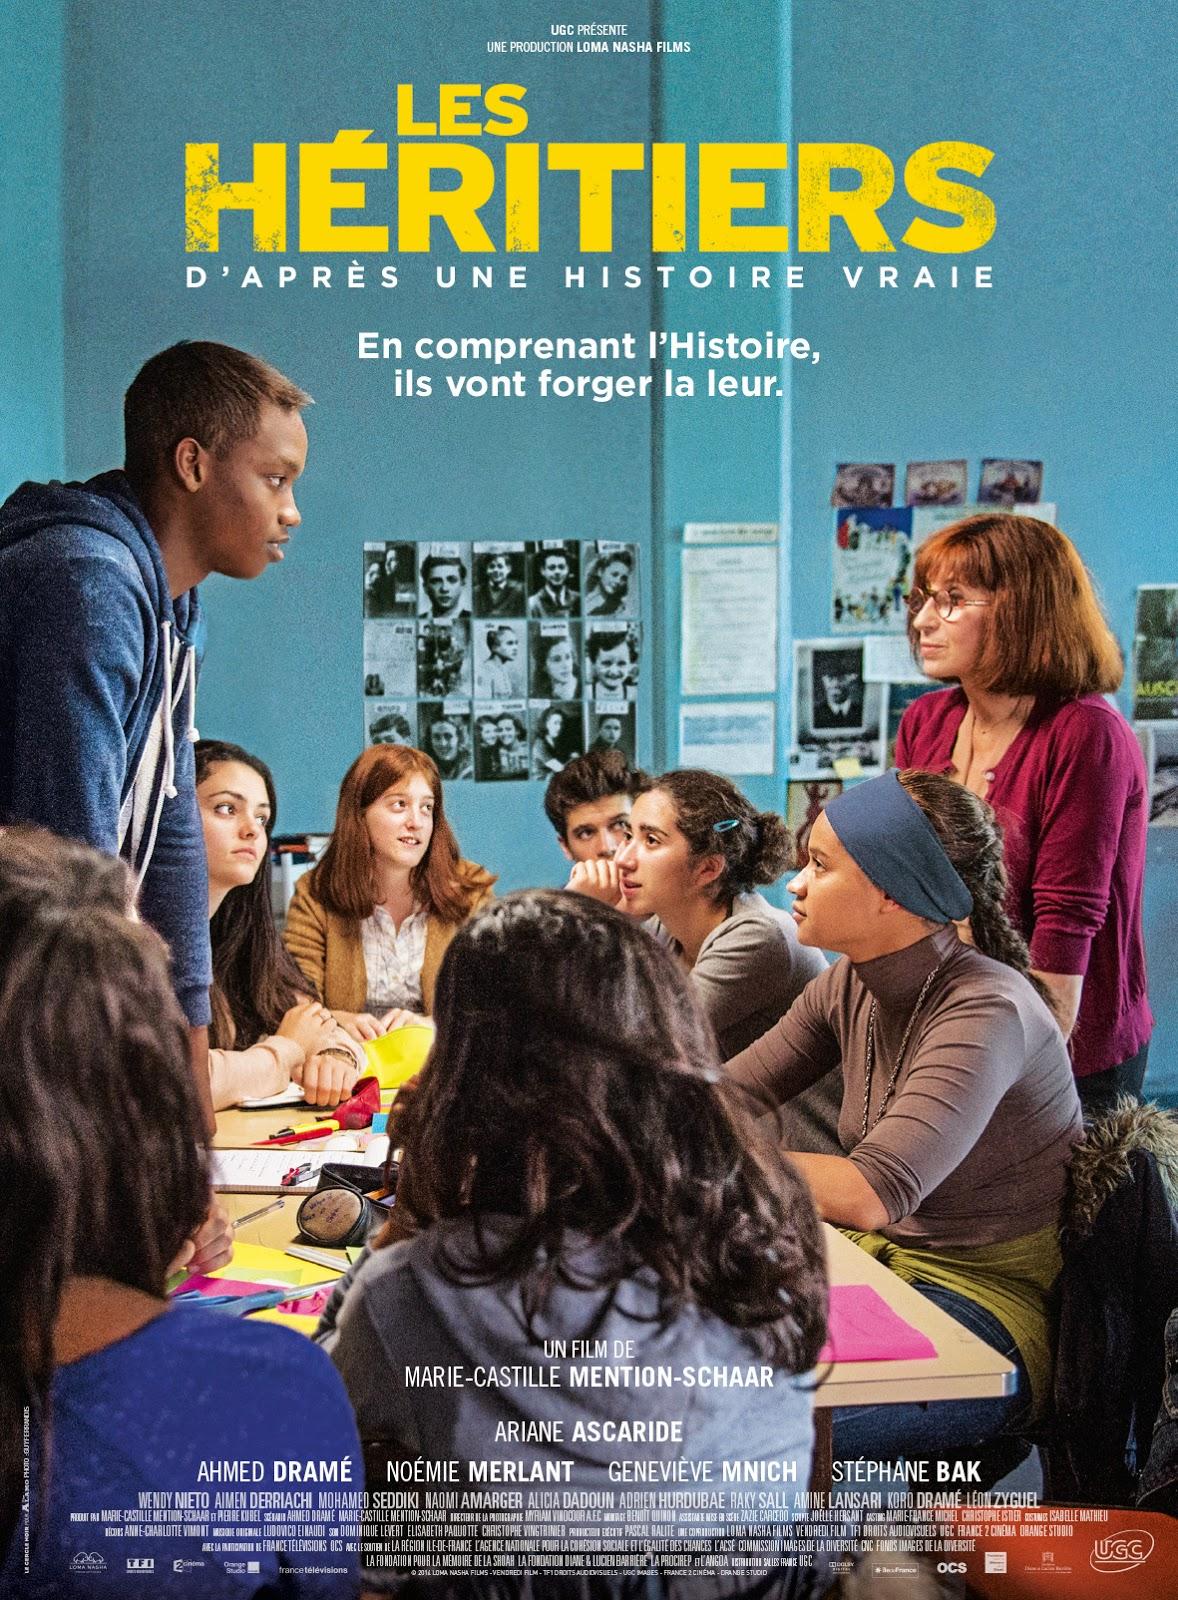 """[Critique] """"Les Héritiers"""" (2013) de Marie-Castille Mention-Schaar 2 image"""